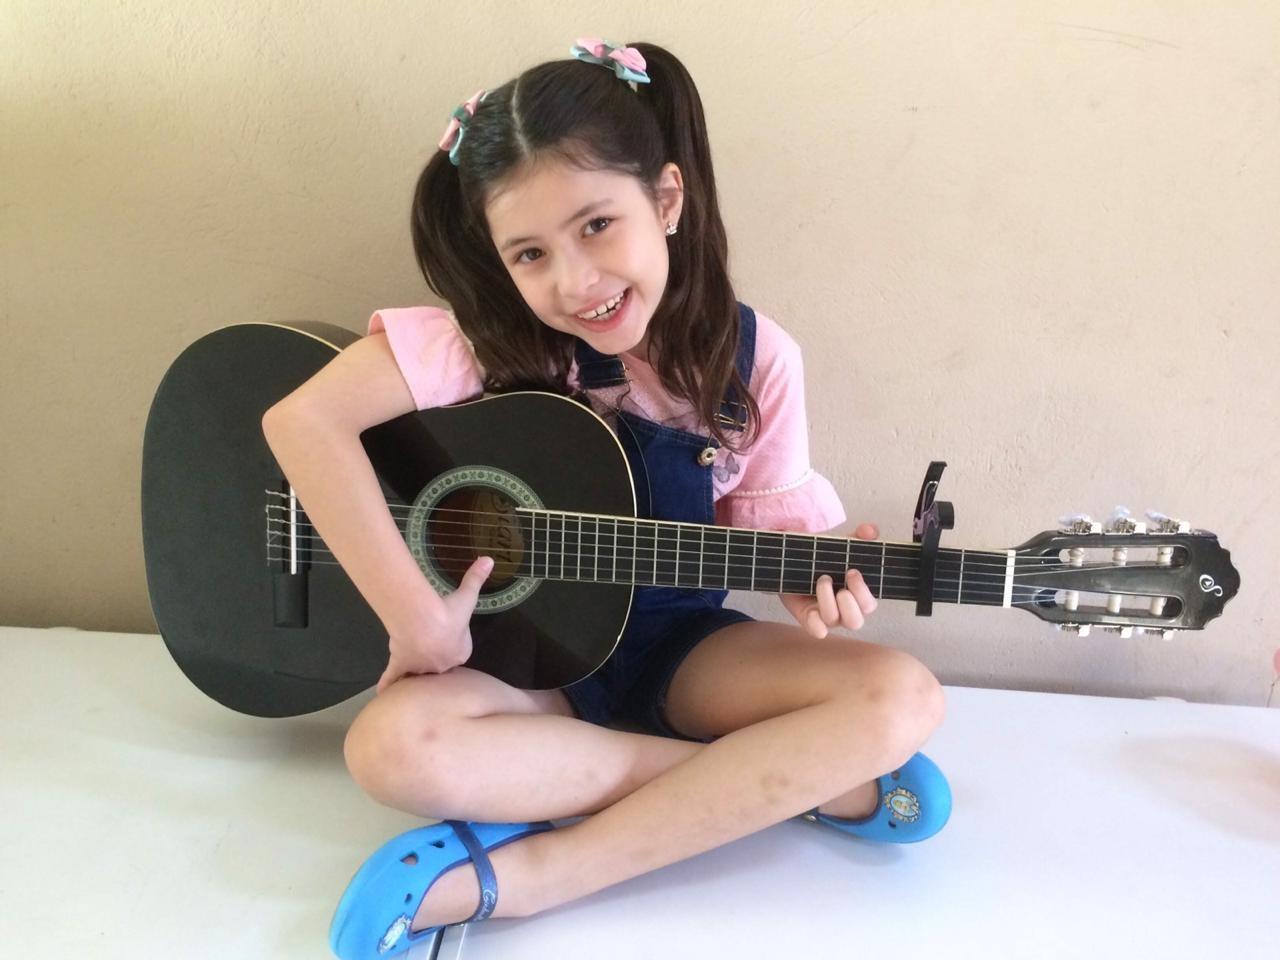 Menina de 8 anos compõe música sobre a importância do amor em tempos de pandemia; veja vídeo